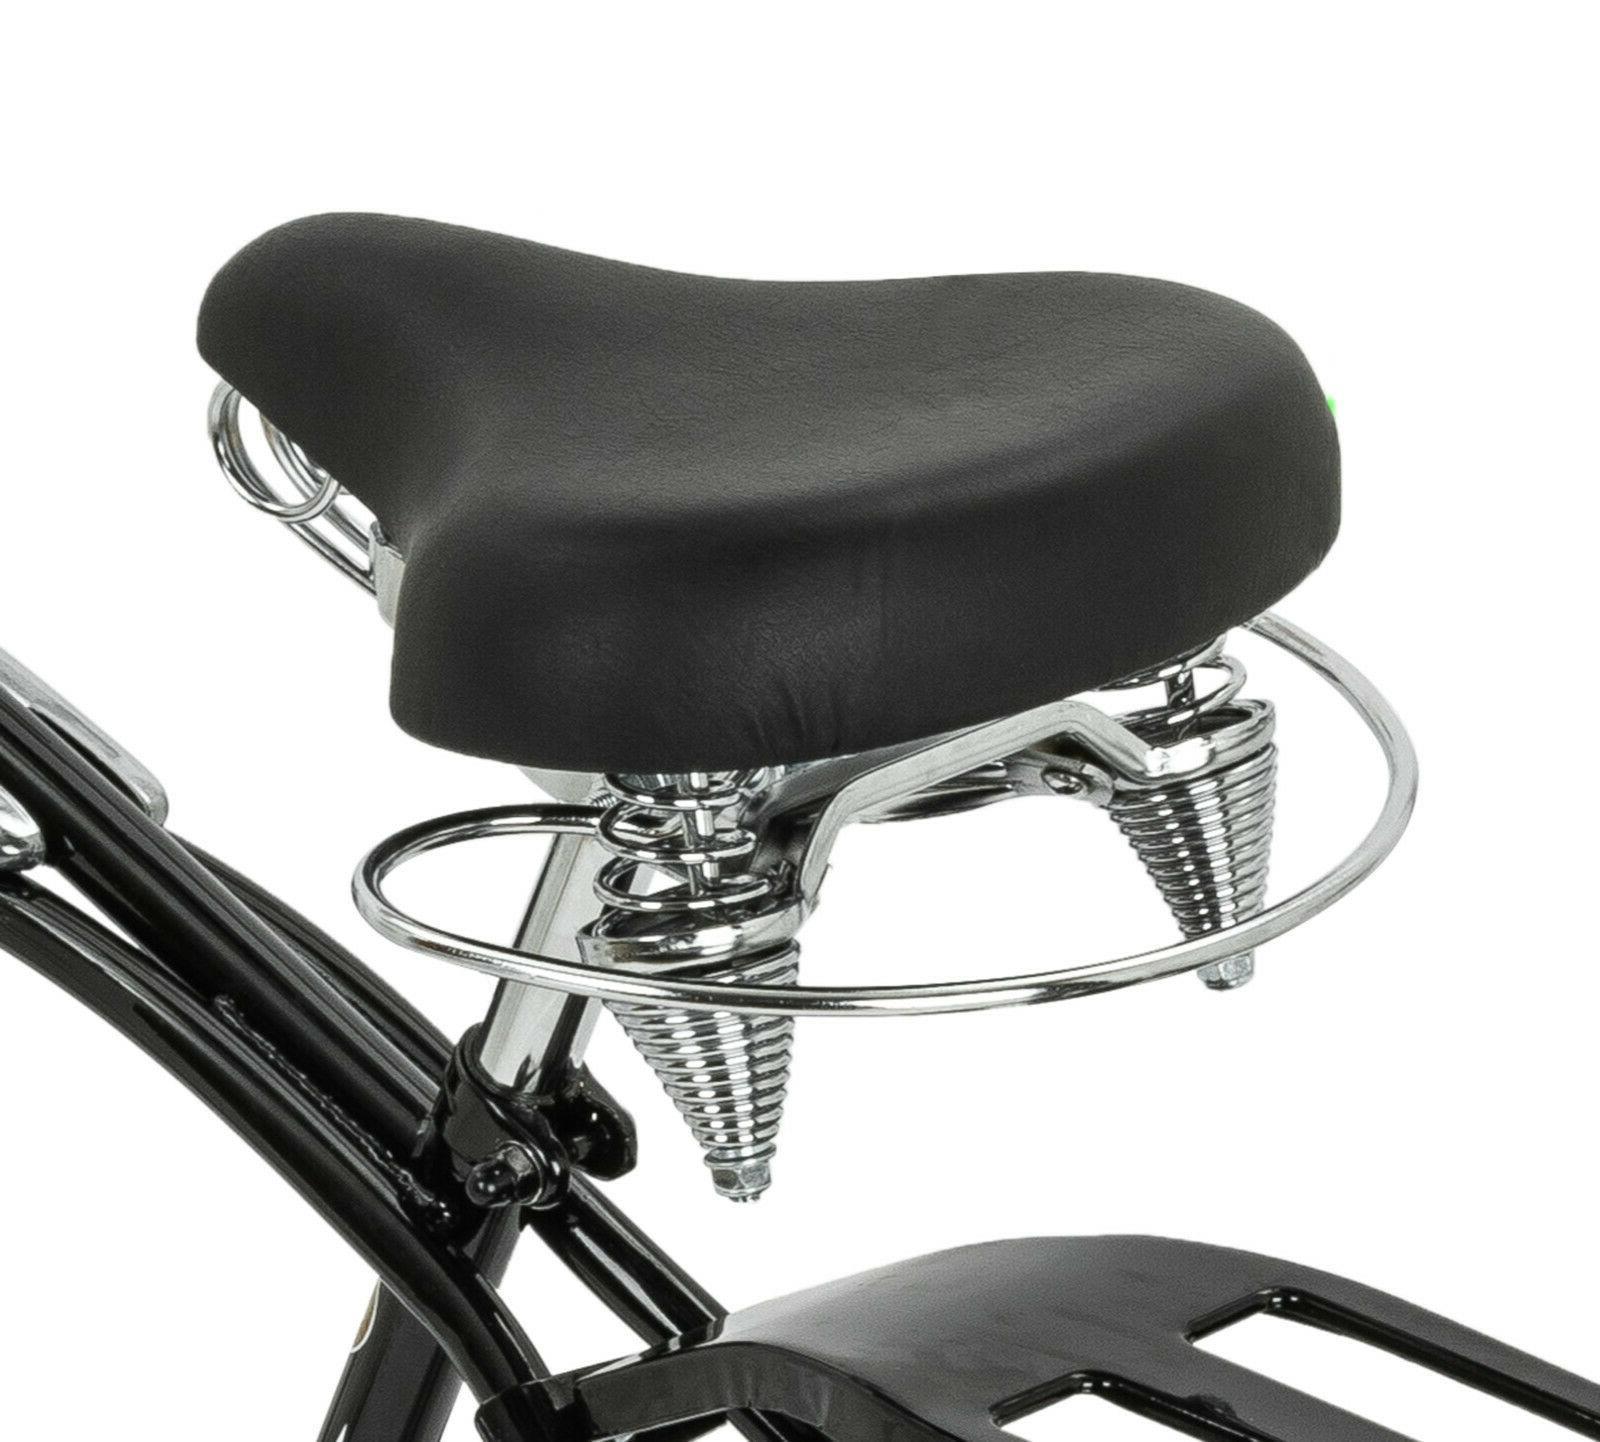 Schwinn Black Bike, wheels,